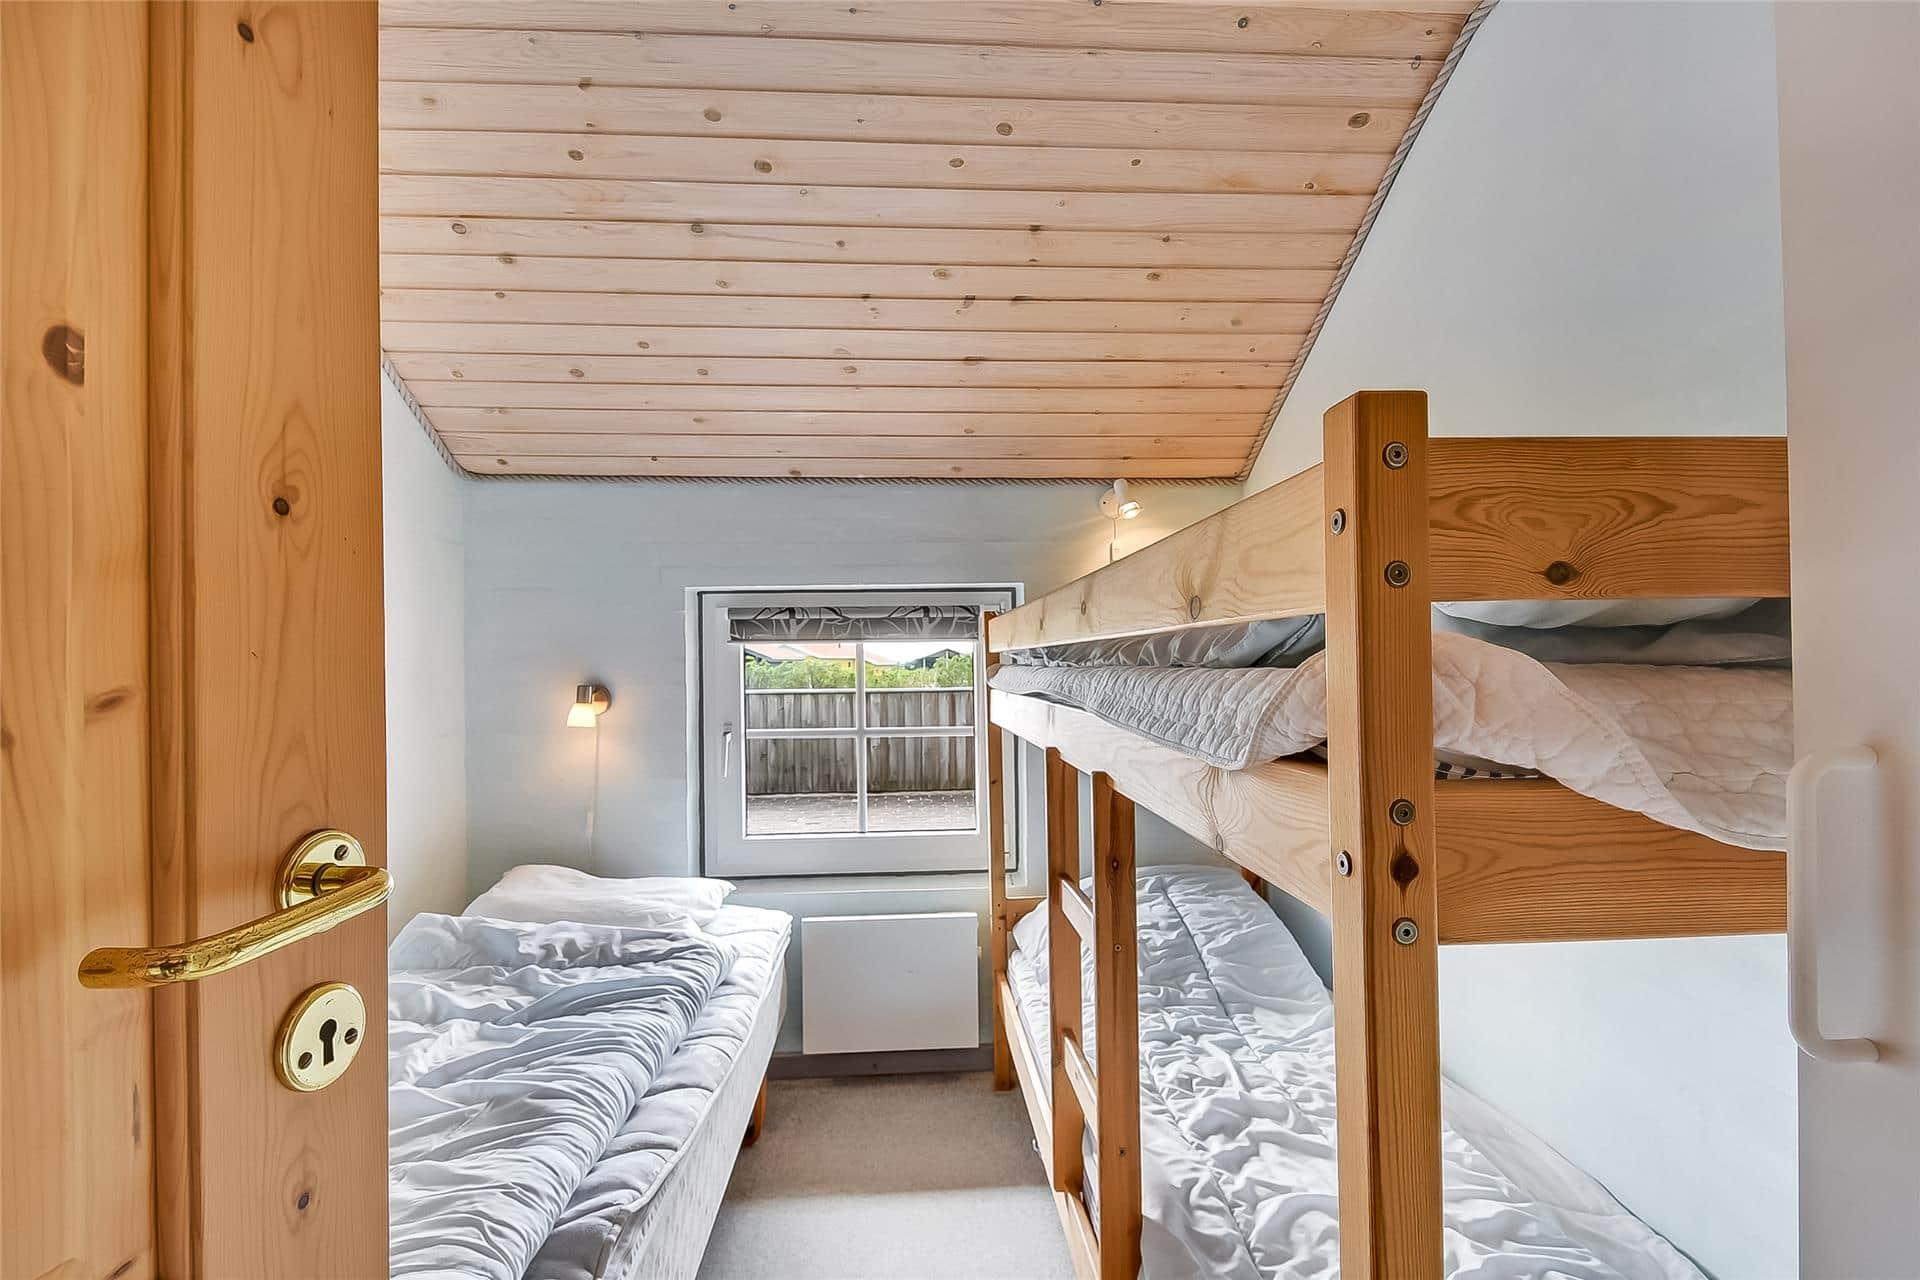 spahaus ferienhaus 143 vejlby klit vejlby klit. Black Bedroom Furniture Sets. Home Design Ideas